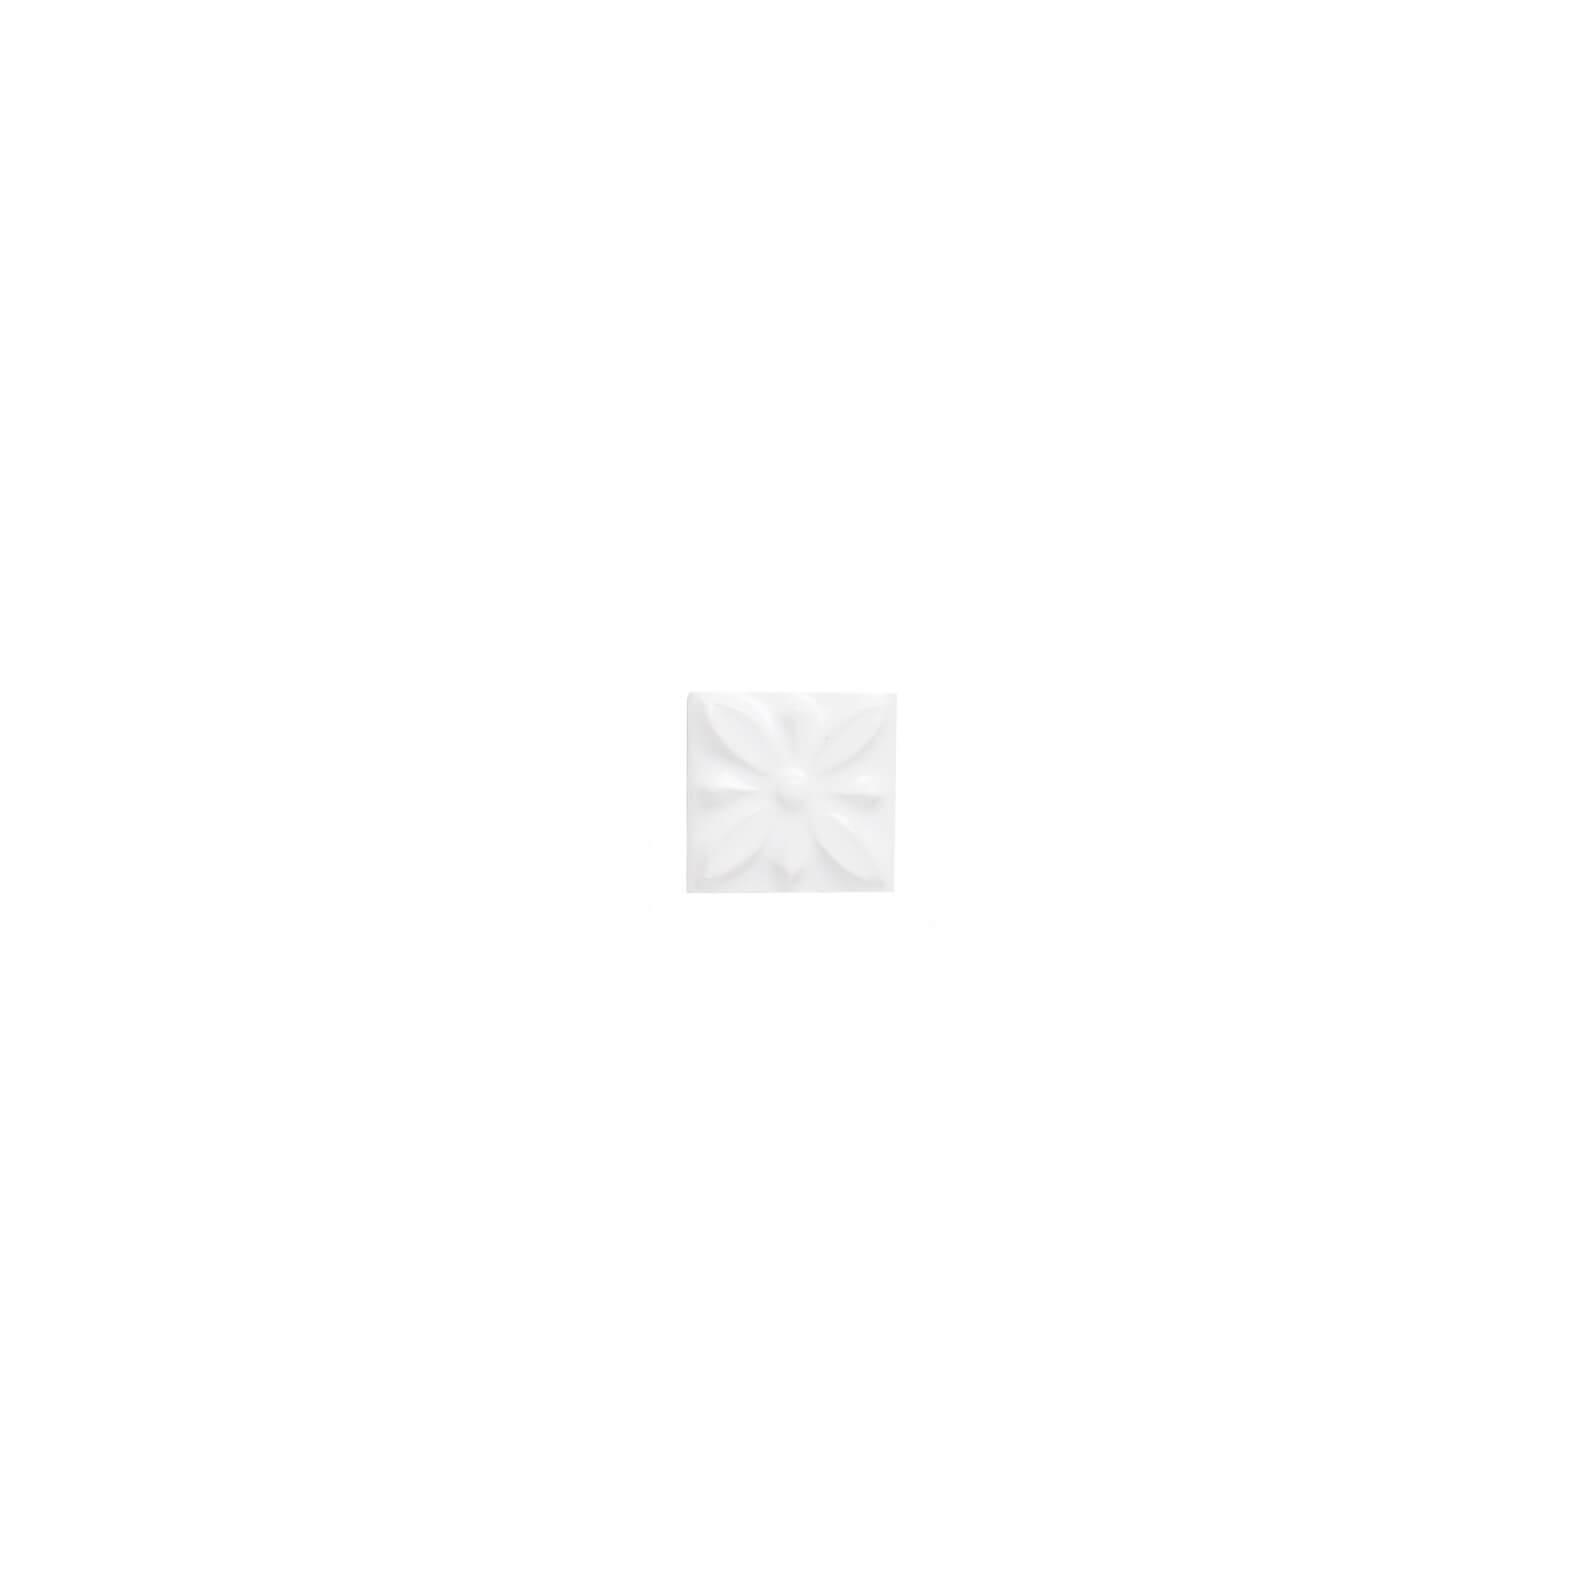 ADST4053 - TACO RELIEVE FLOR Nº 1 - 3 cm X 3 cm